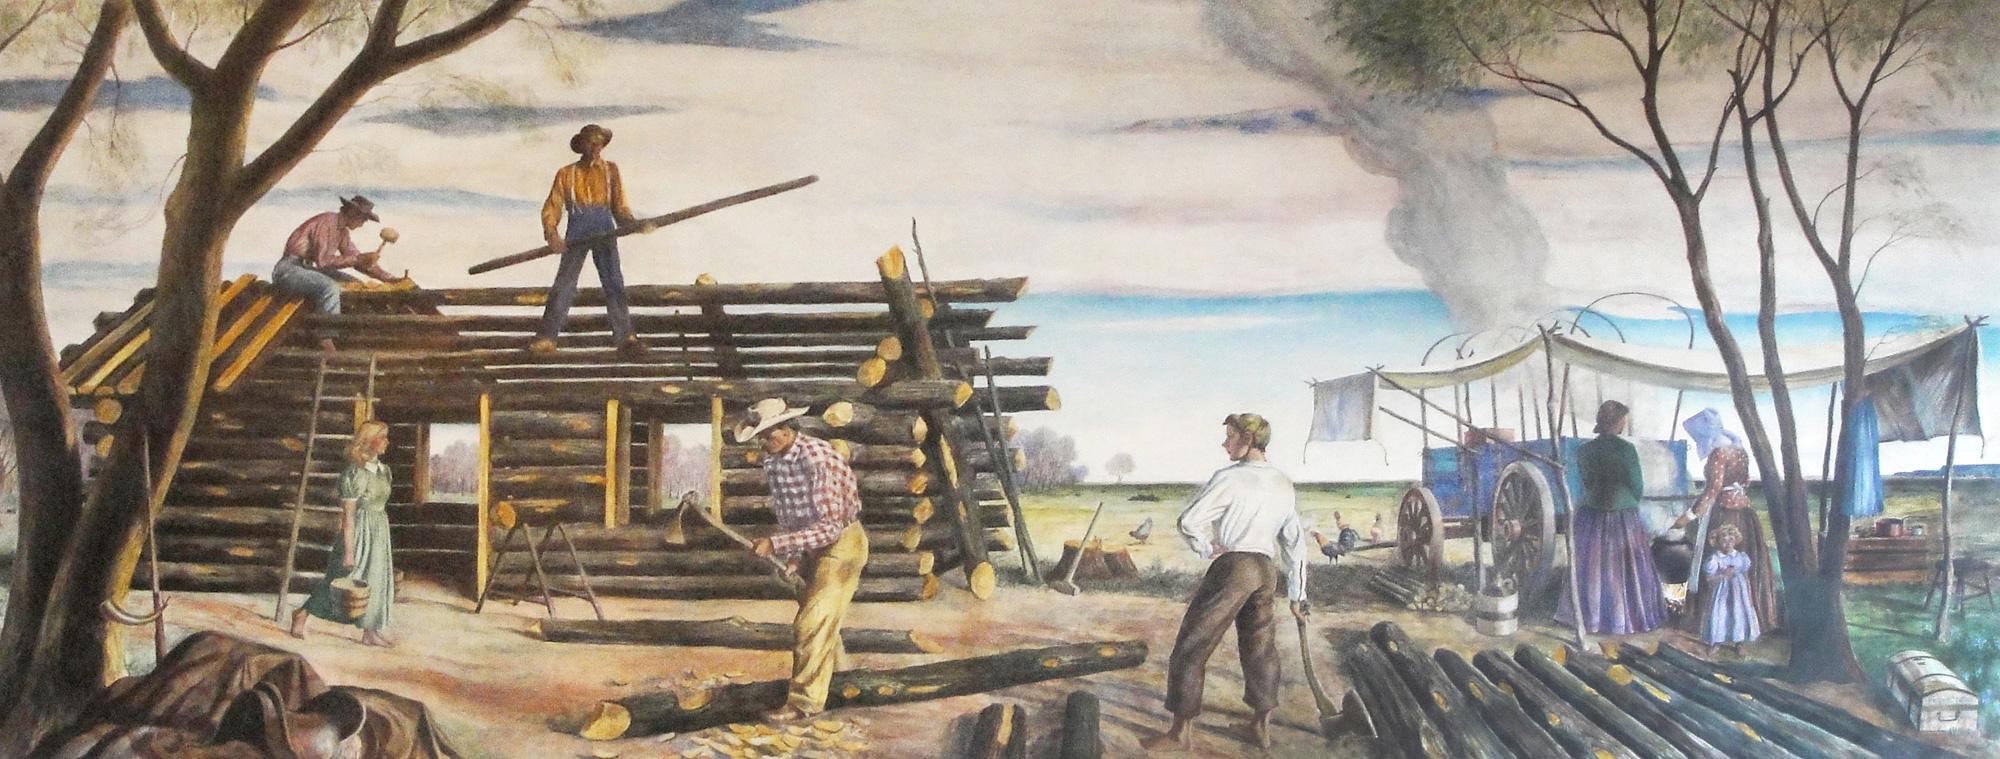 Mural of pioneers